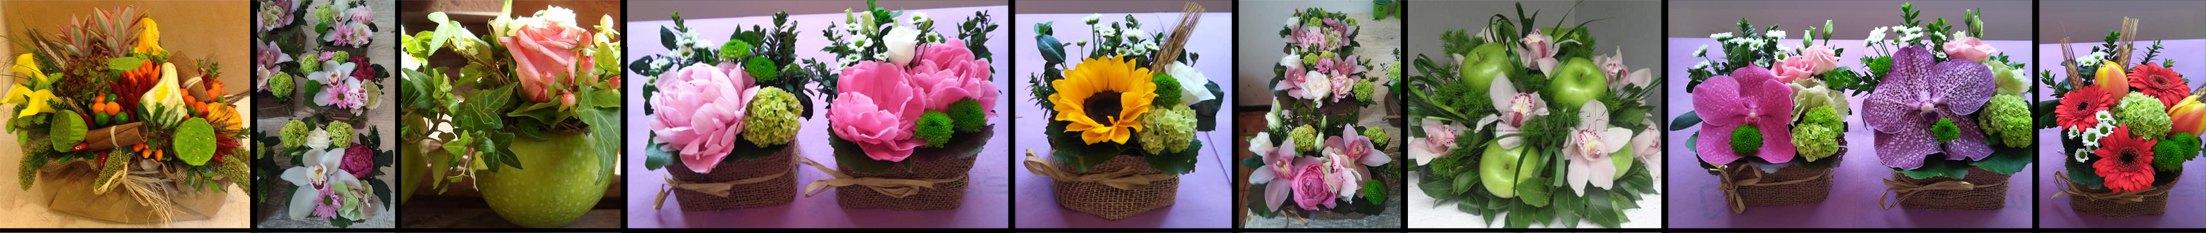 pichi fiori e piante e composizioni floreali artigianali